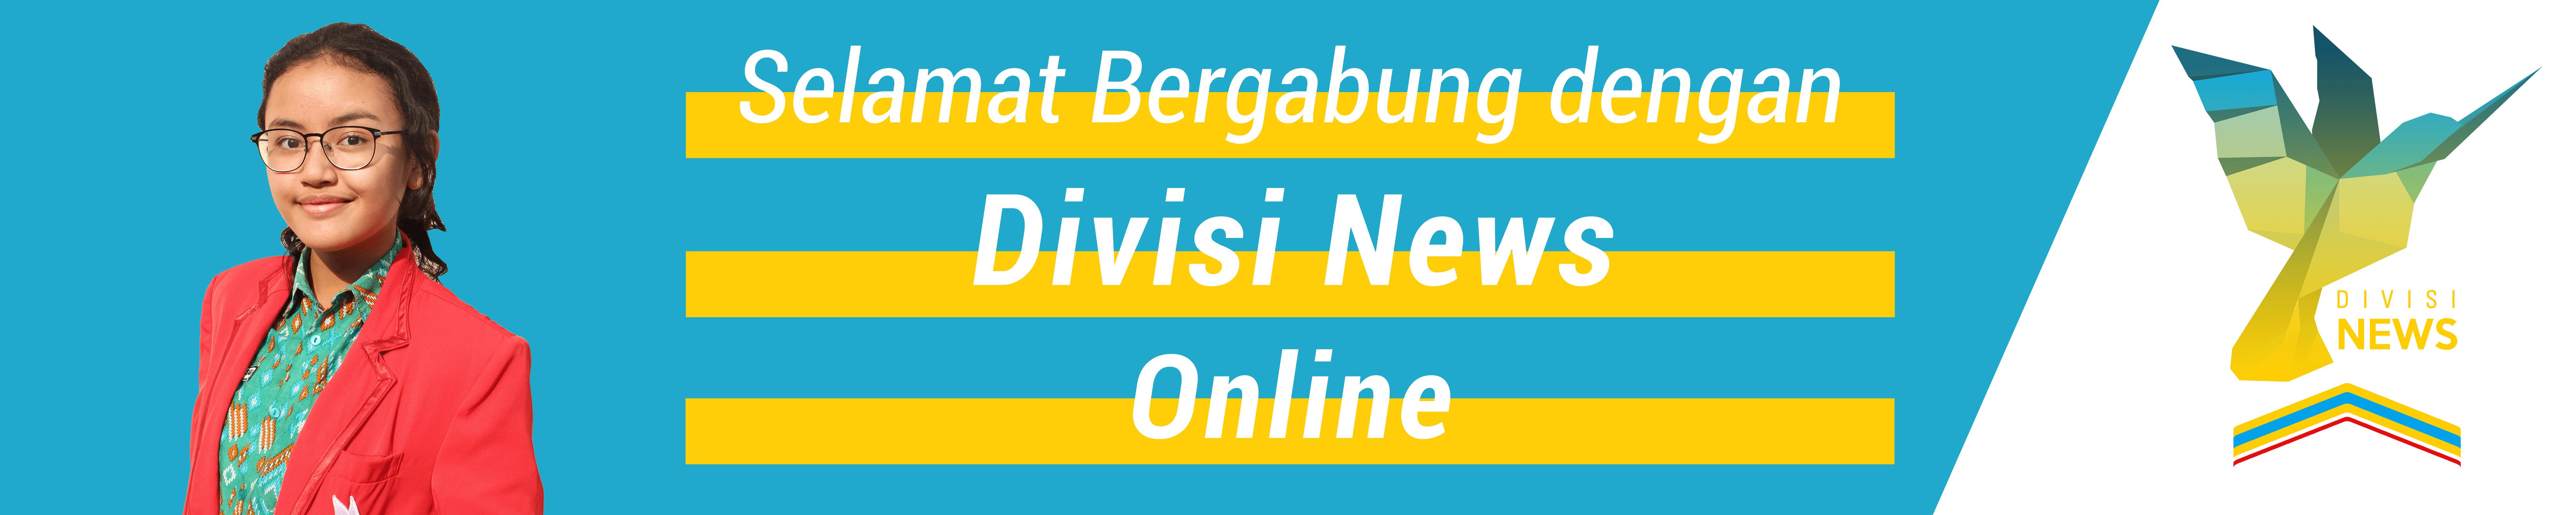 online-min